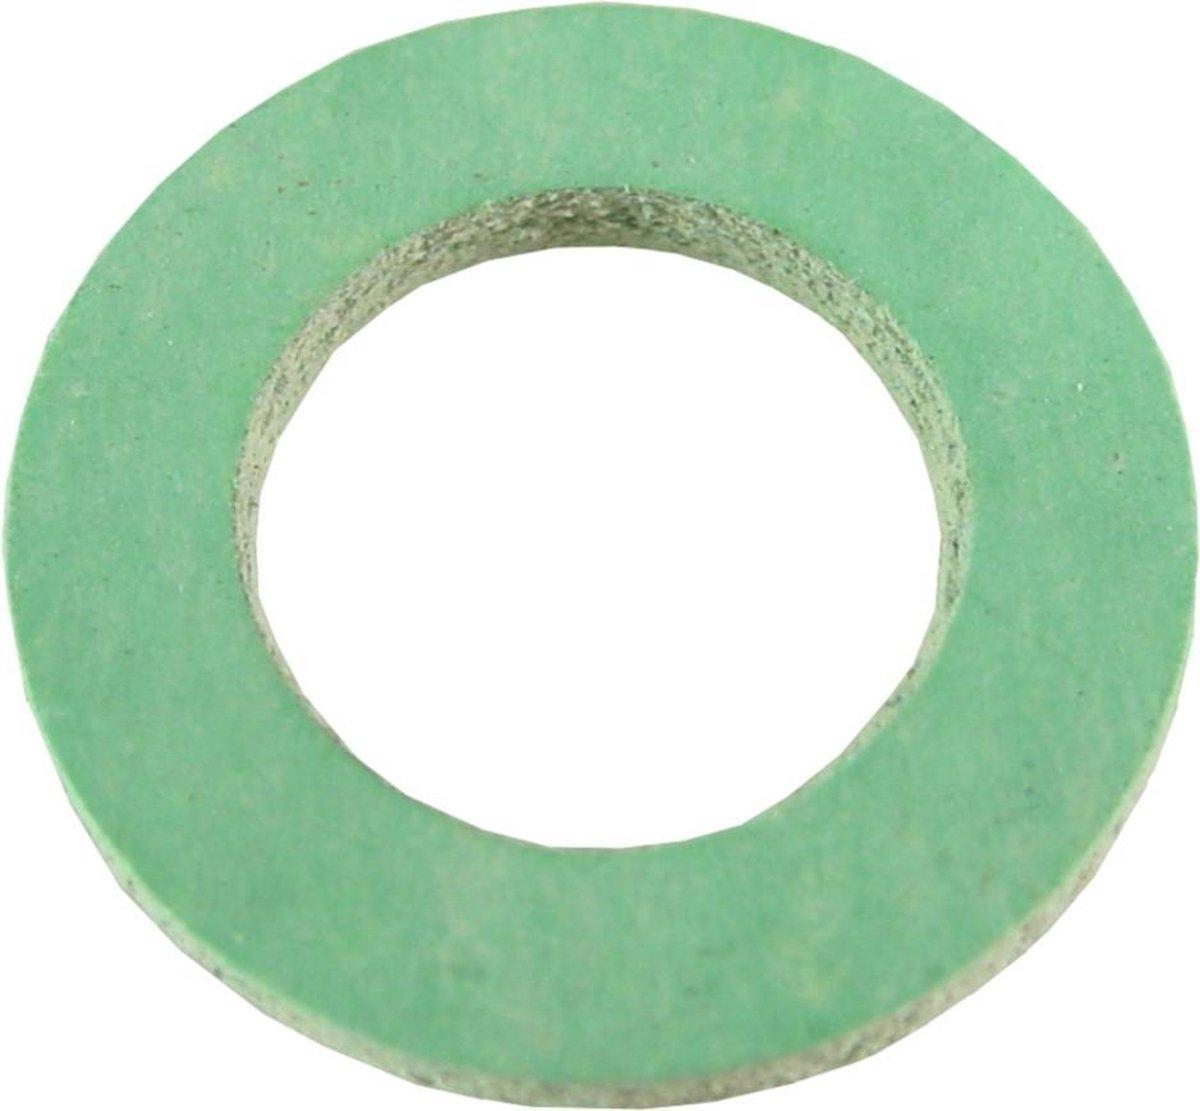 Riko asbestvrije ringen groen 3/8 14x9x2